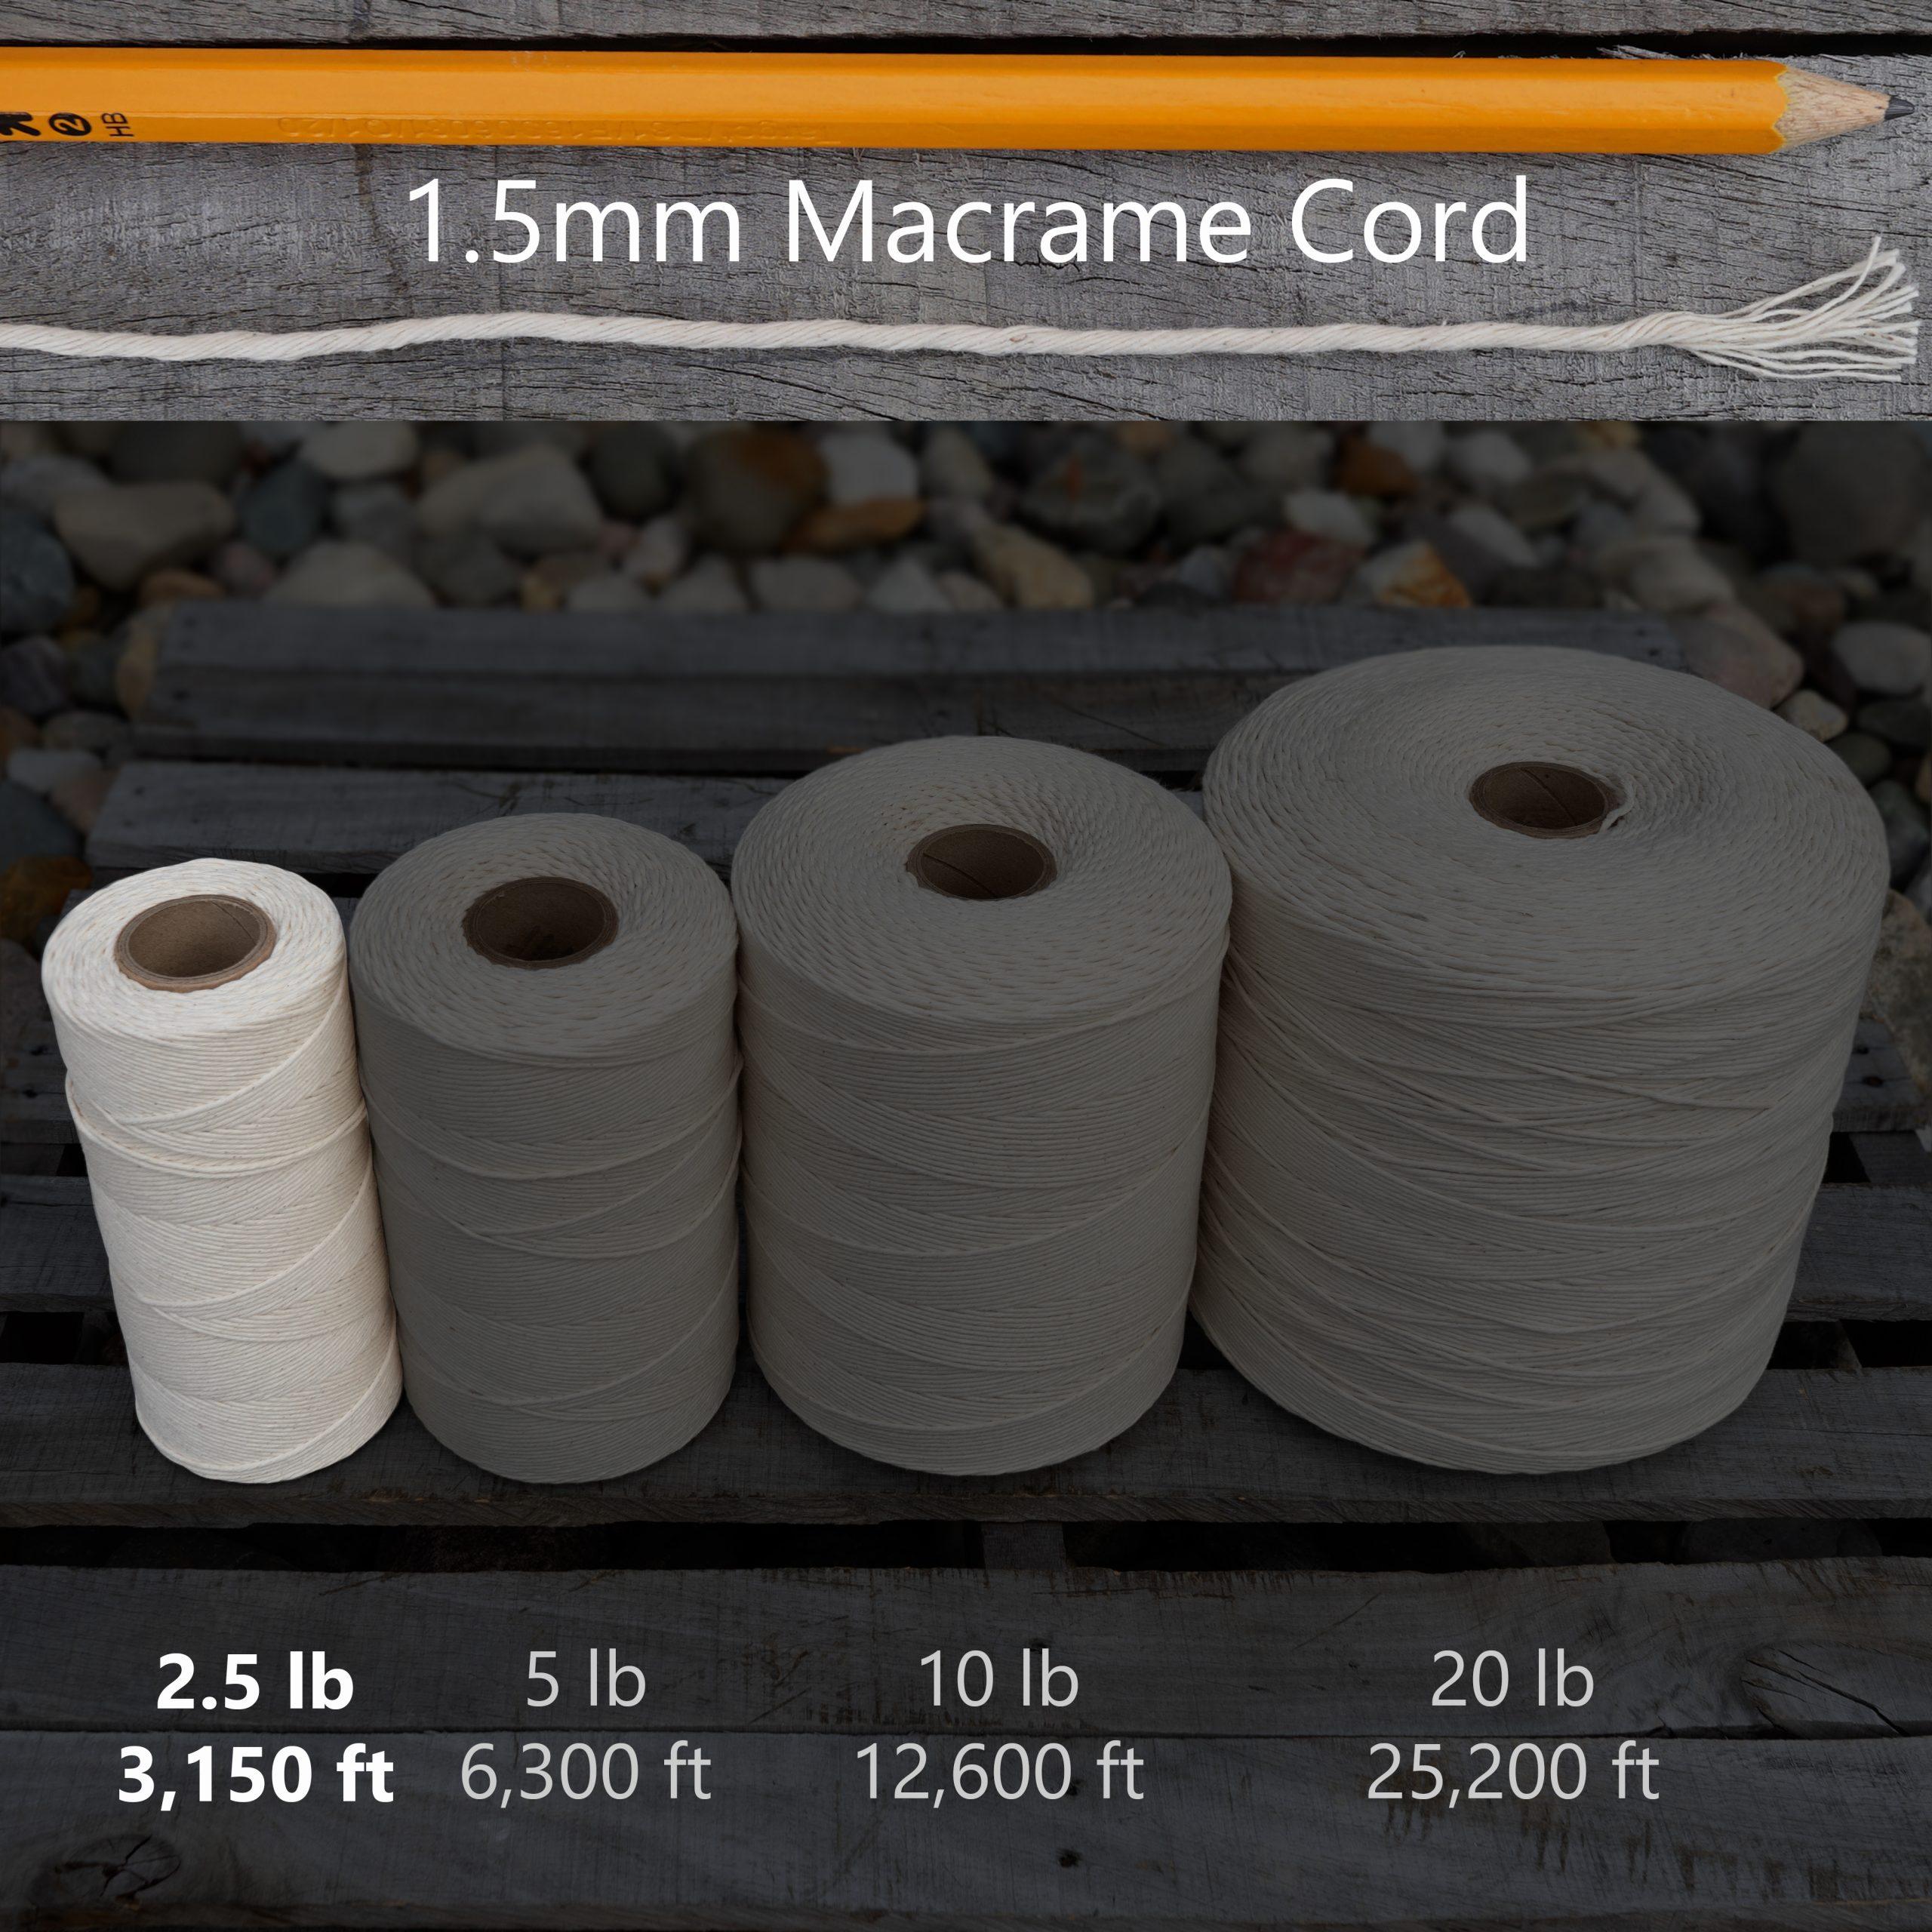 1.5 mm x 2.5 lb